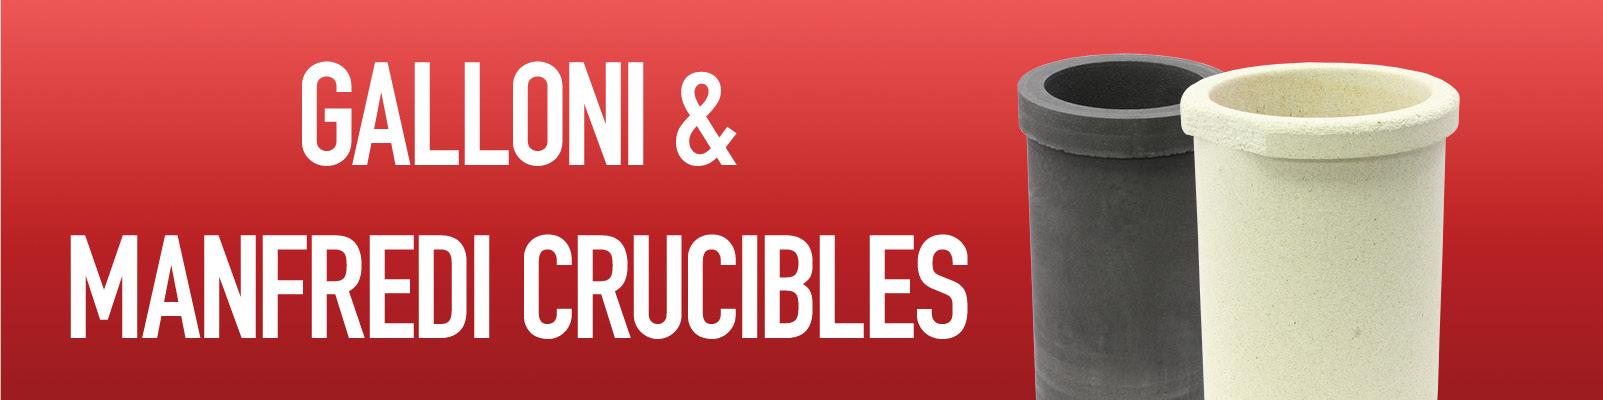 Galloni / Manfredi Crucibles